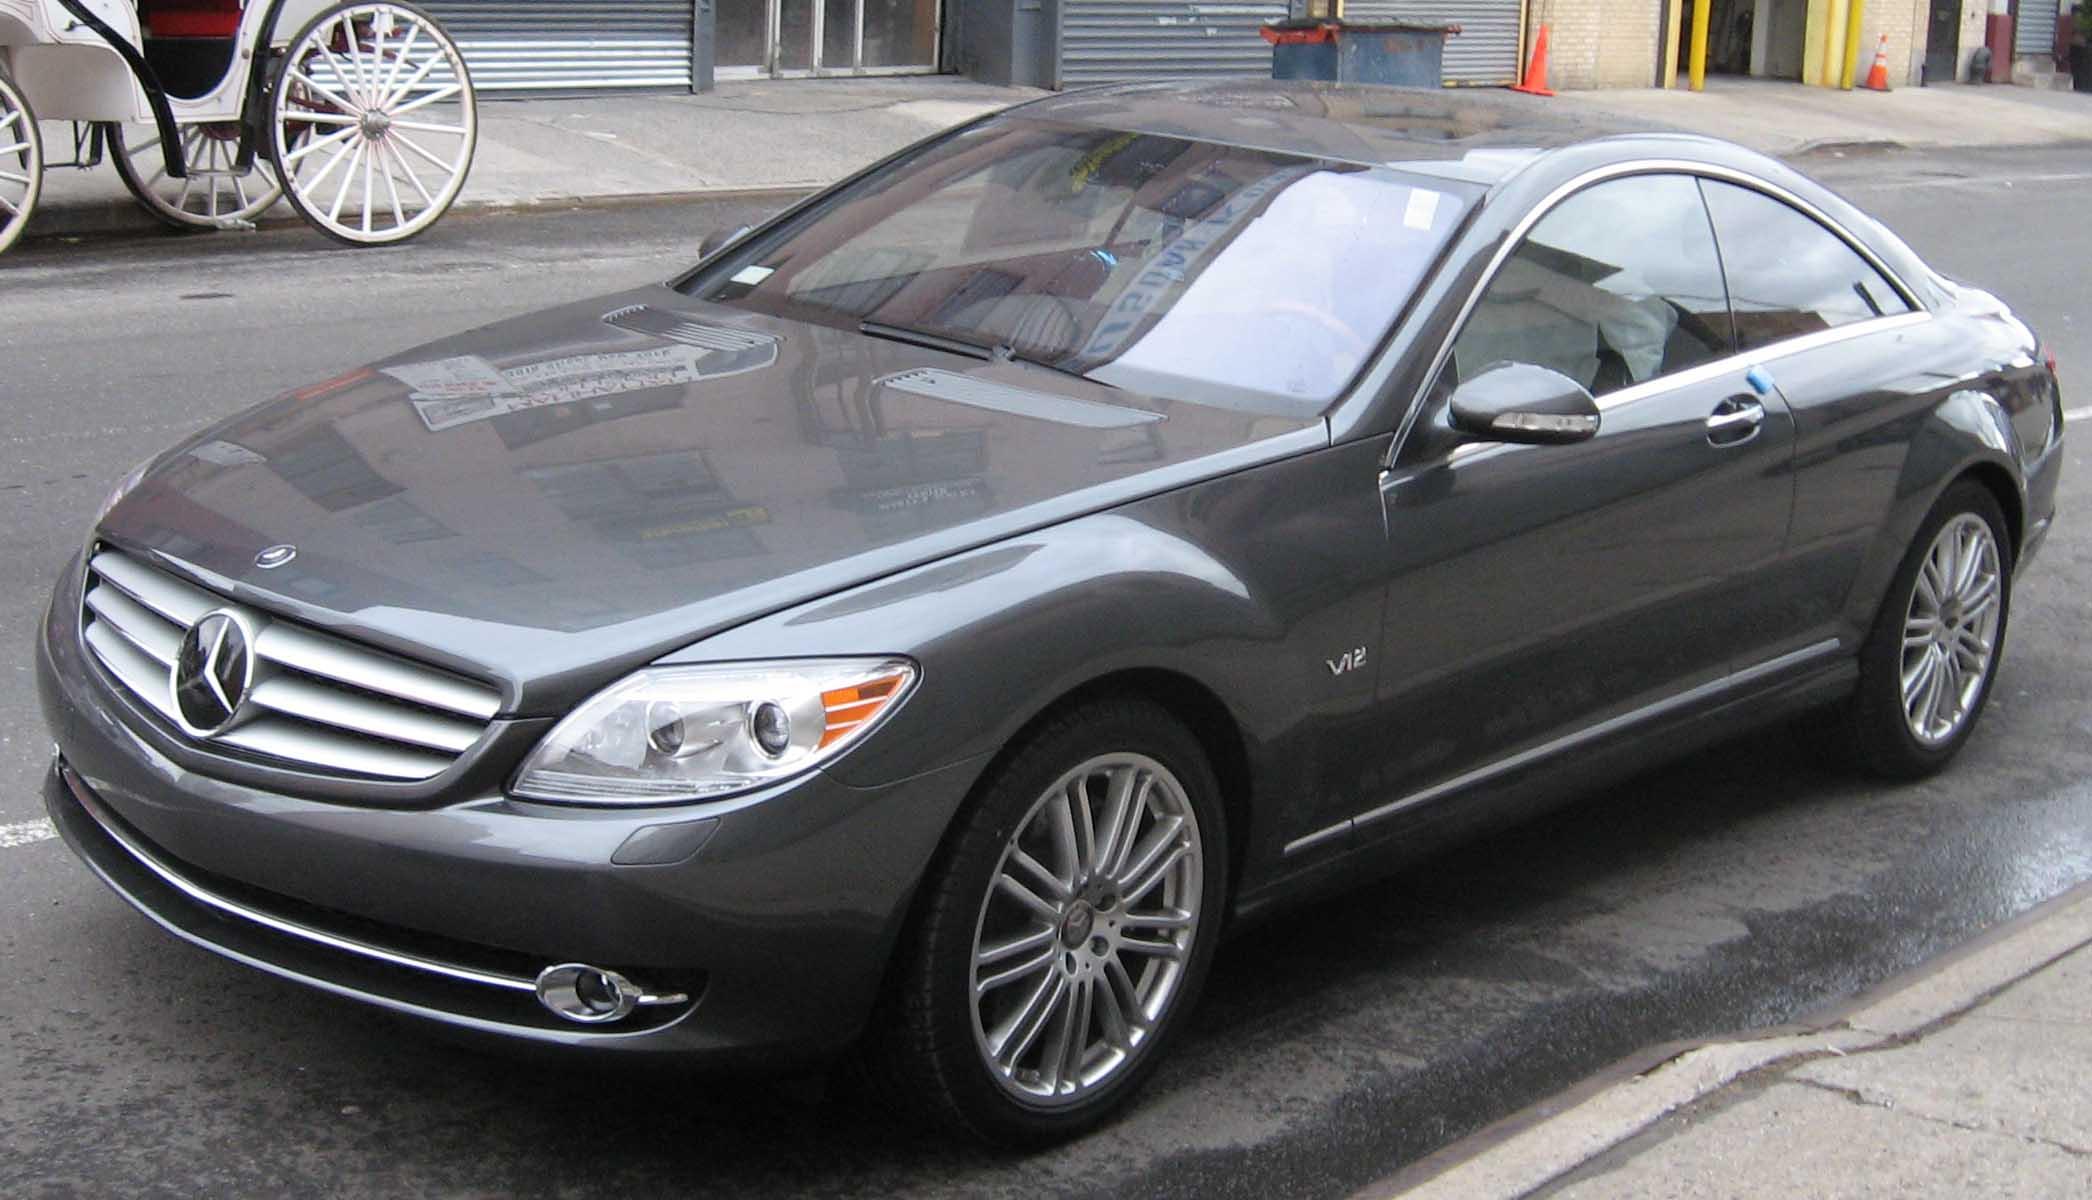 Mercedes benz cl 600 picture 6 reviews news specs for Mercedes benz cl500 review